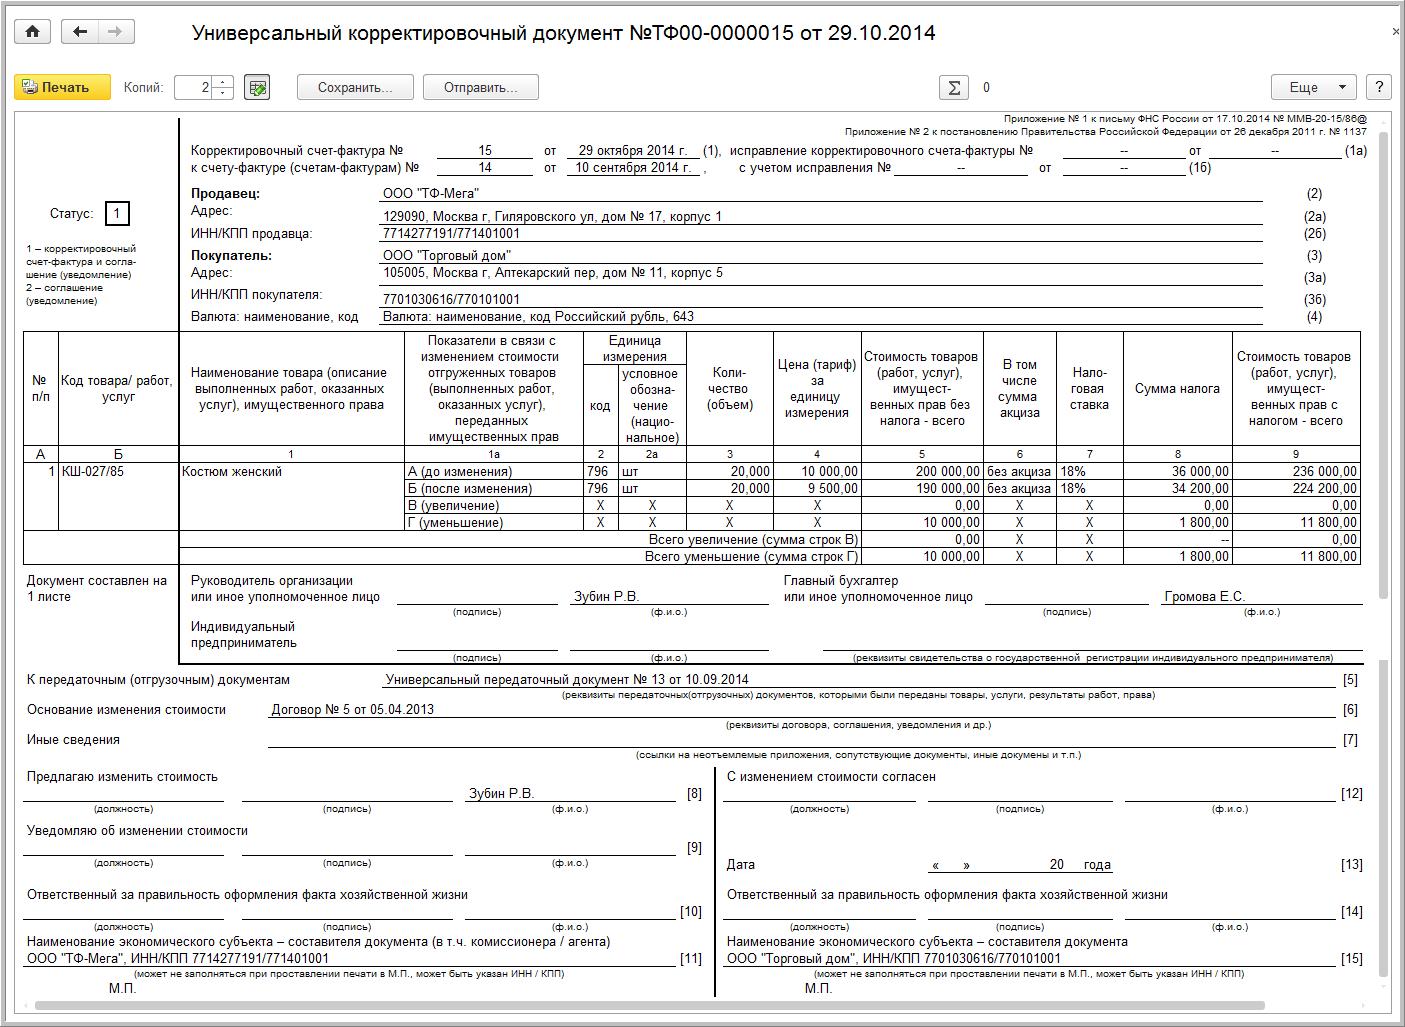 Как в 1с сделать корректировочную счет-фактуру6